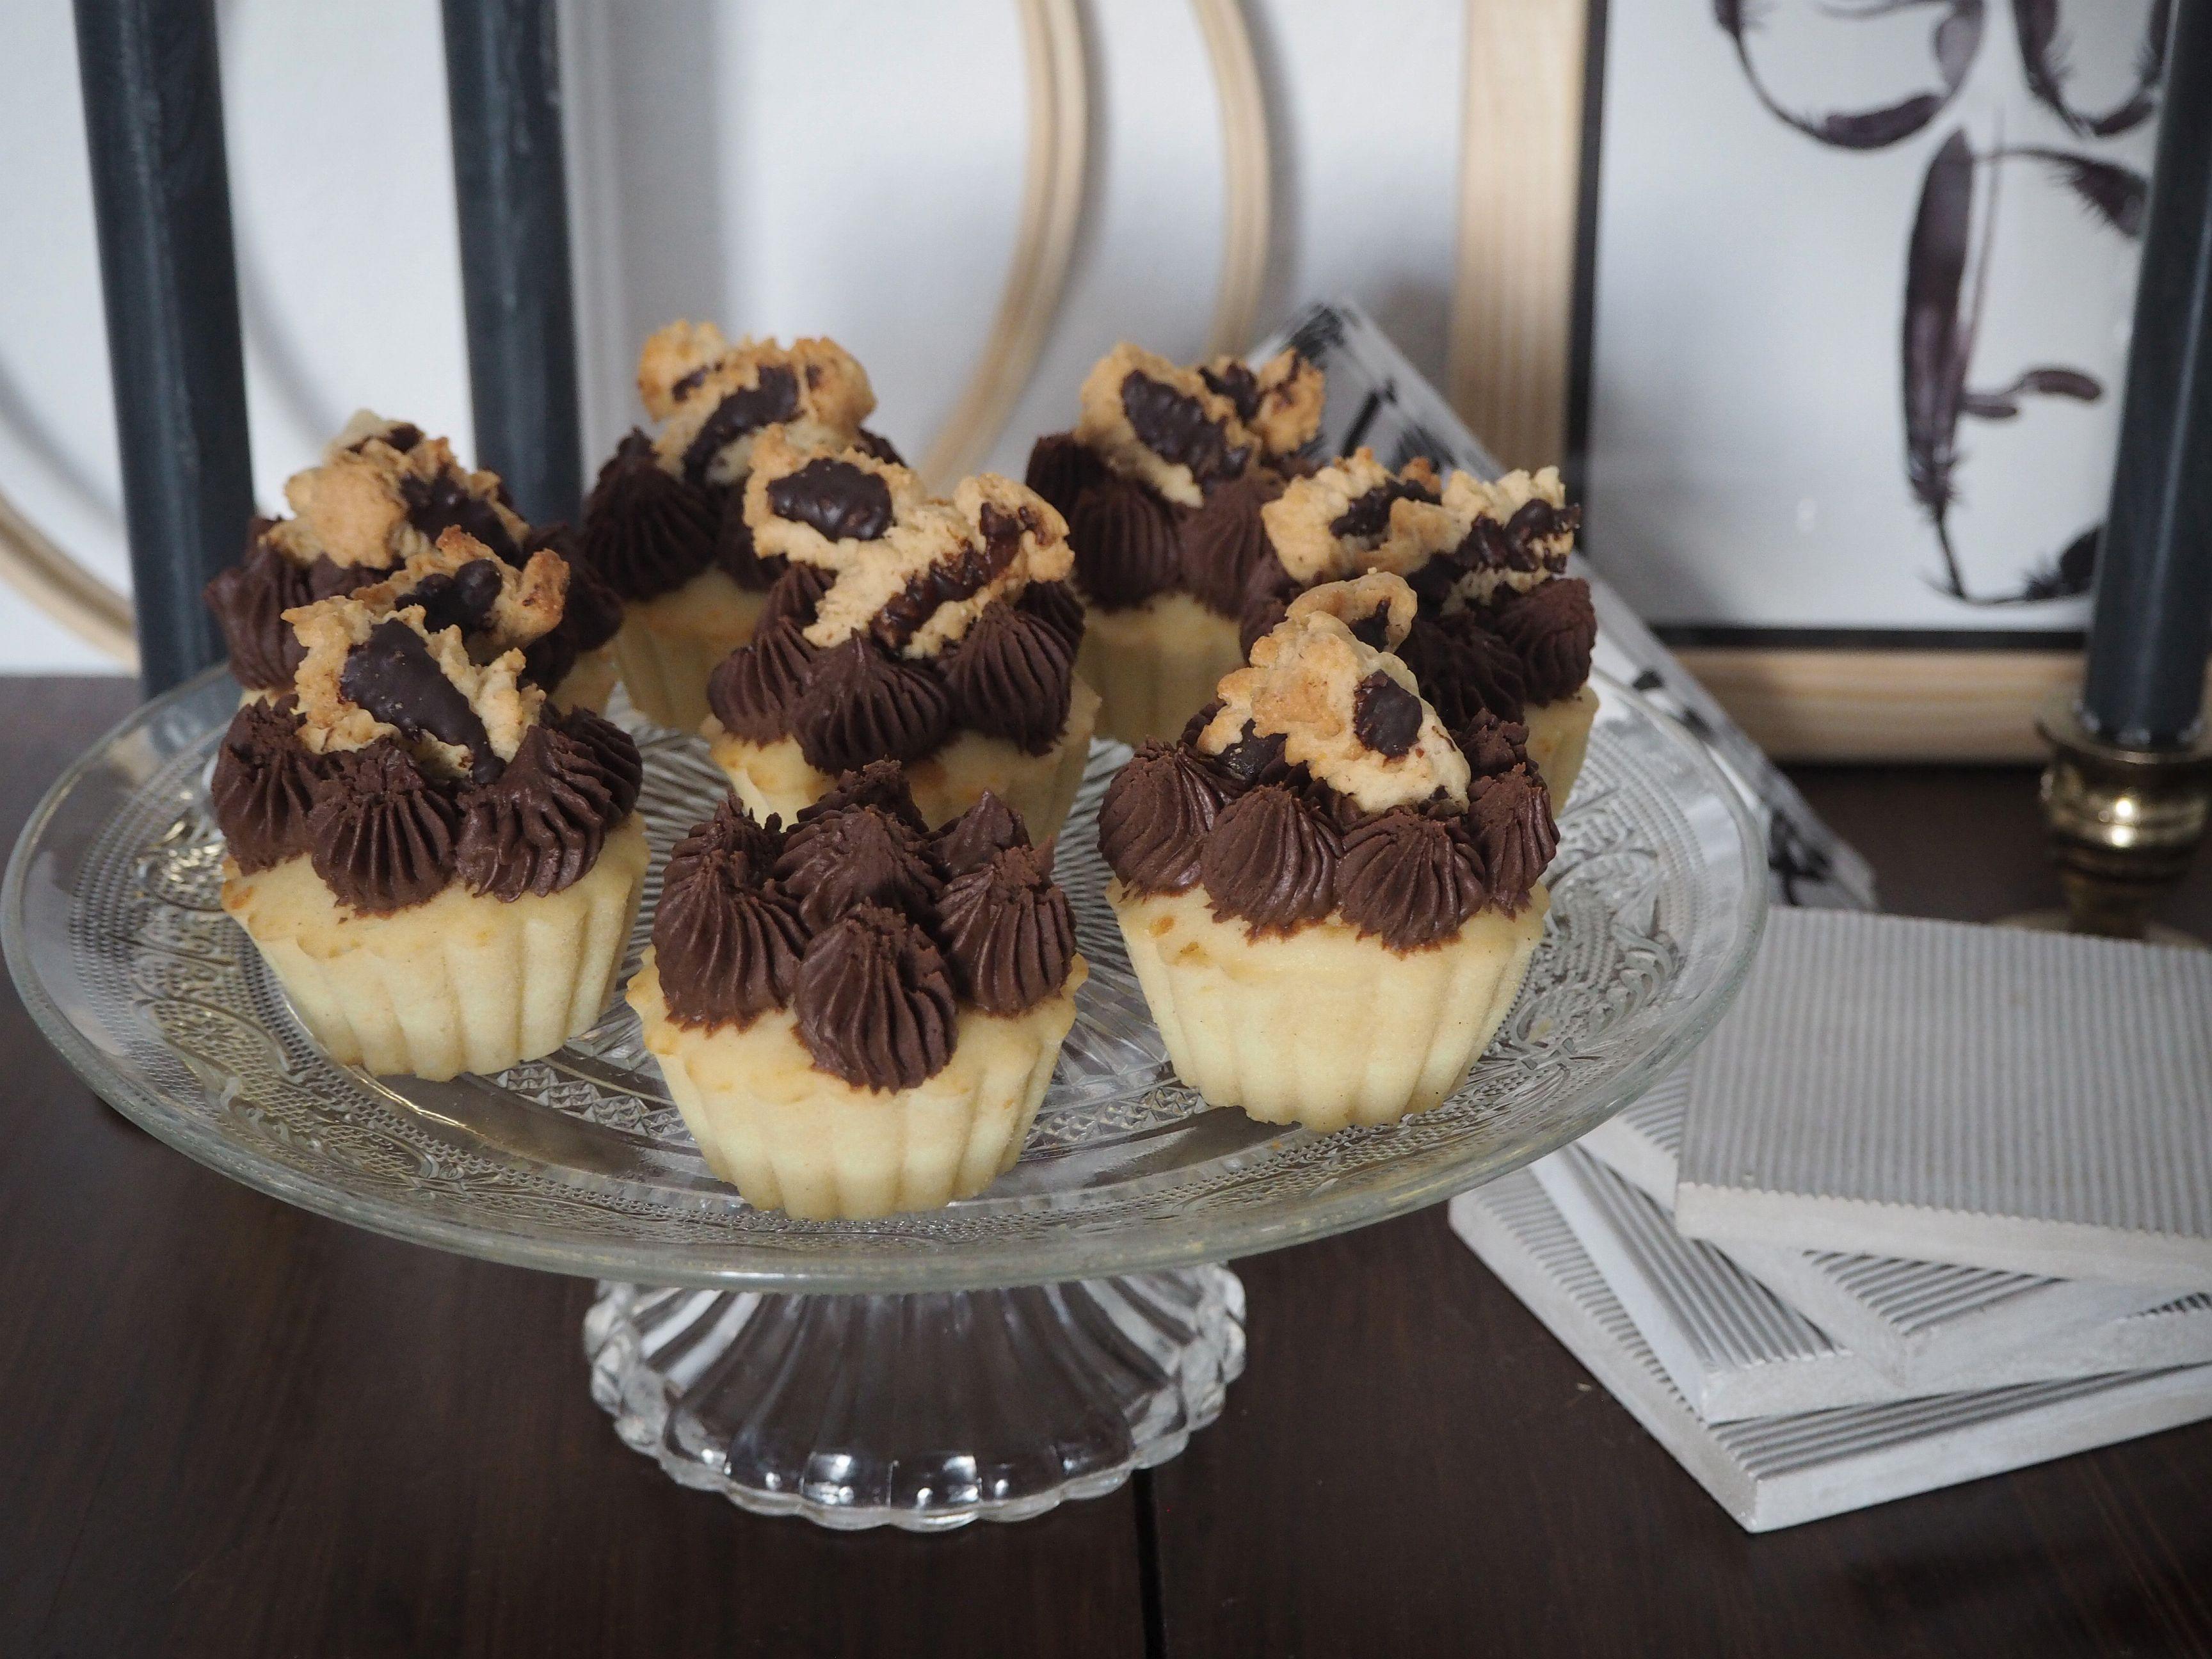 2018-01-skoen-och-kreativ-food-cookies-cake-love-vanilla-chocolate-cupcakes (7)